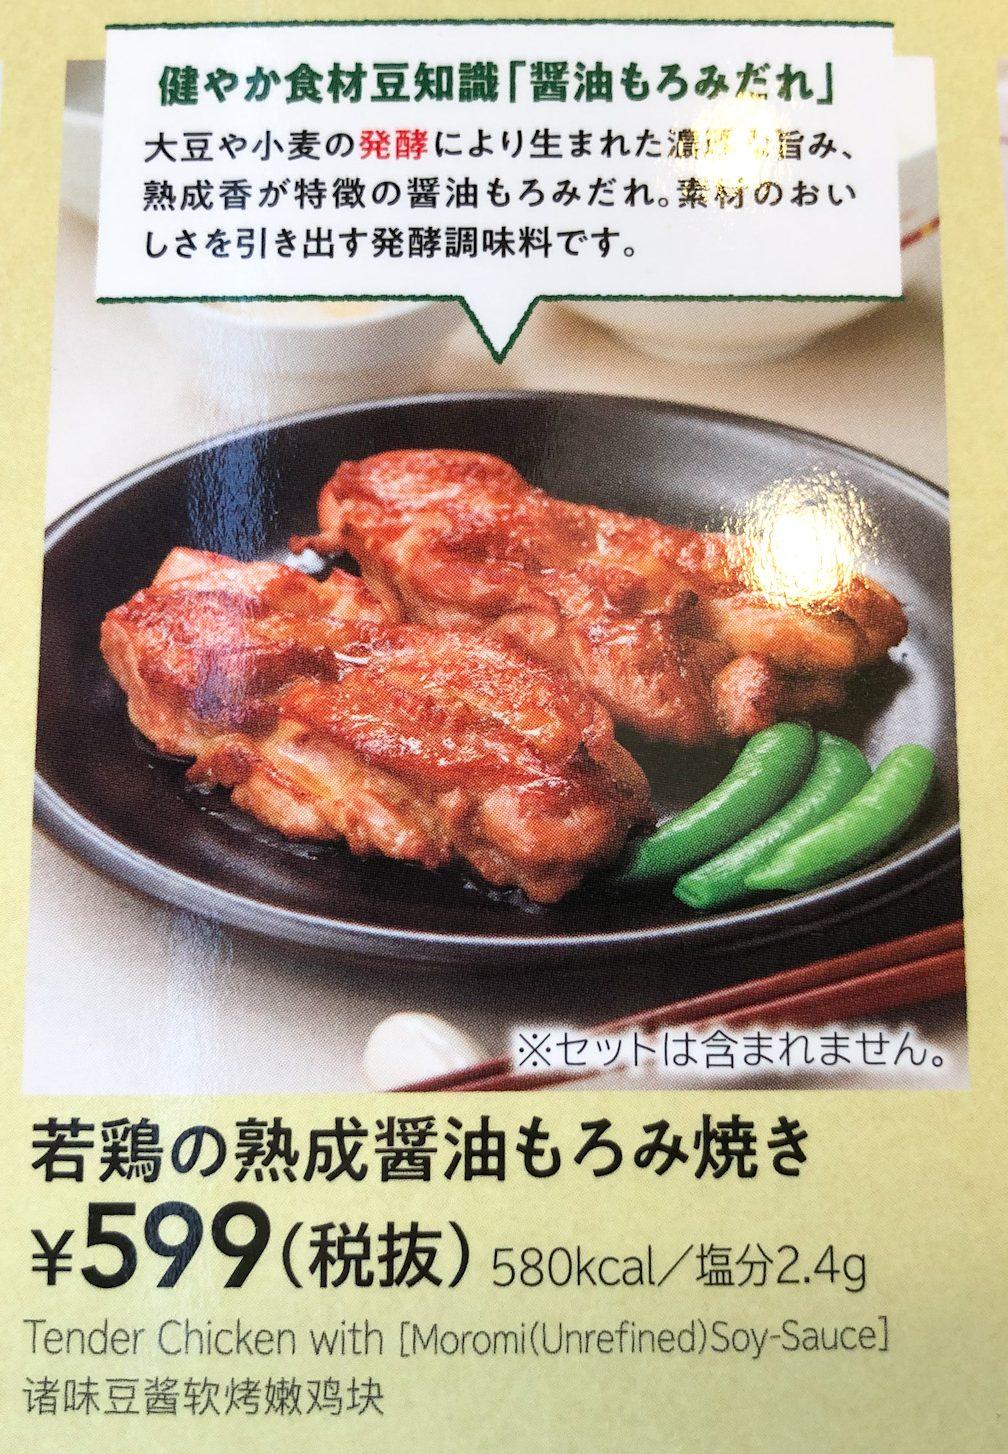 若鶏の熟成醤油もろみ焼きのメニュー